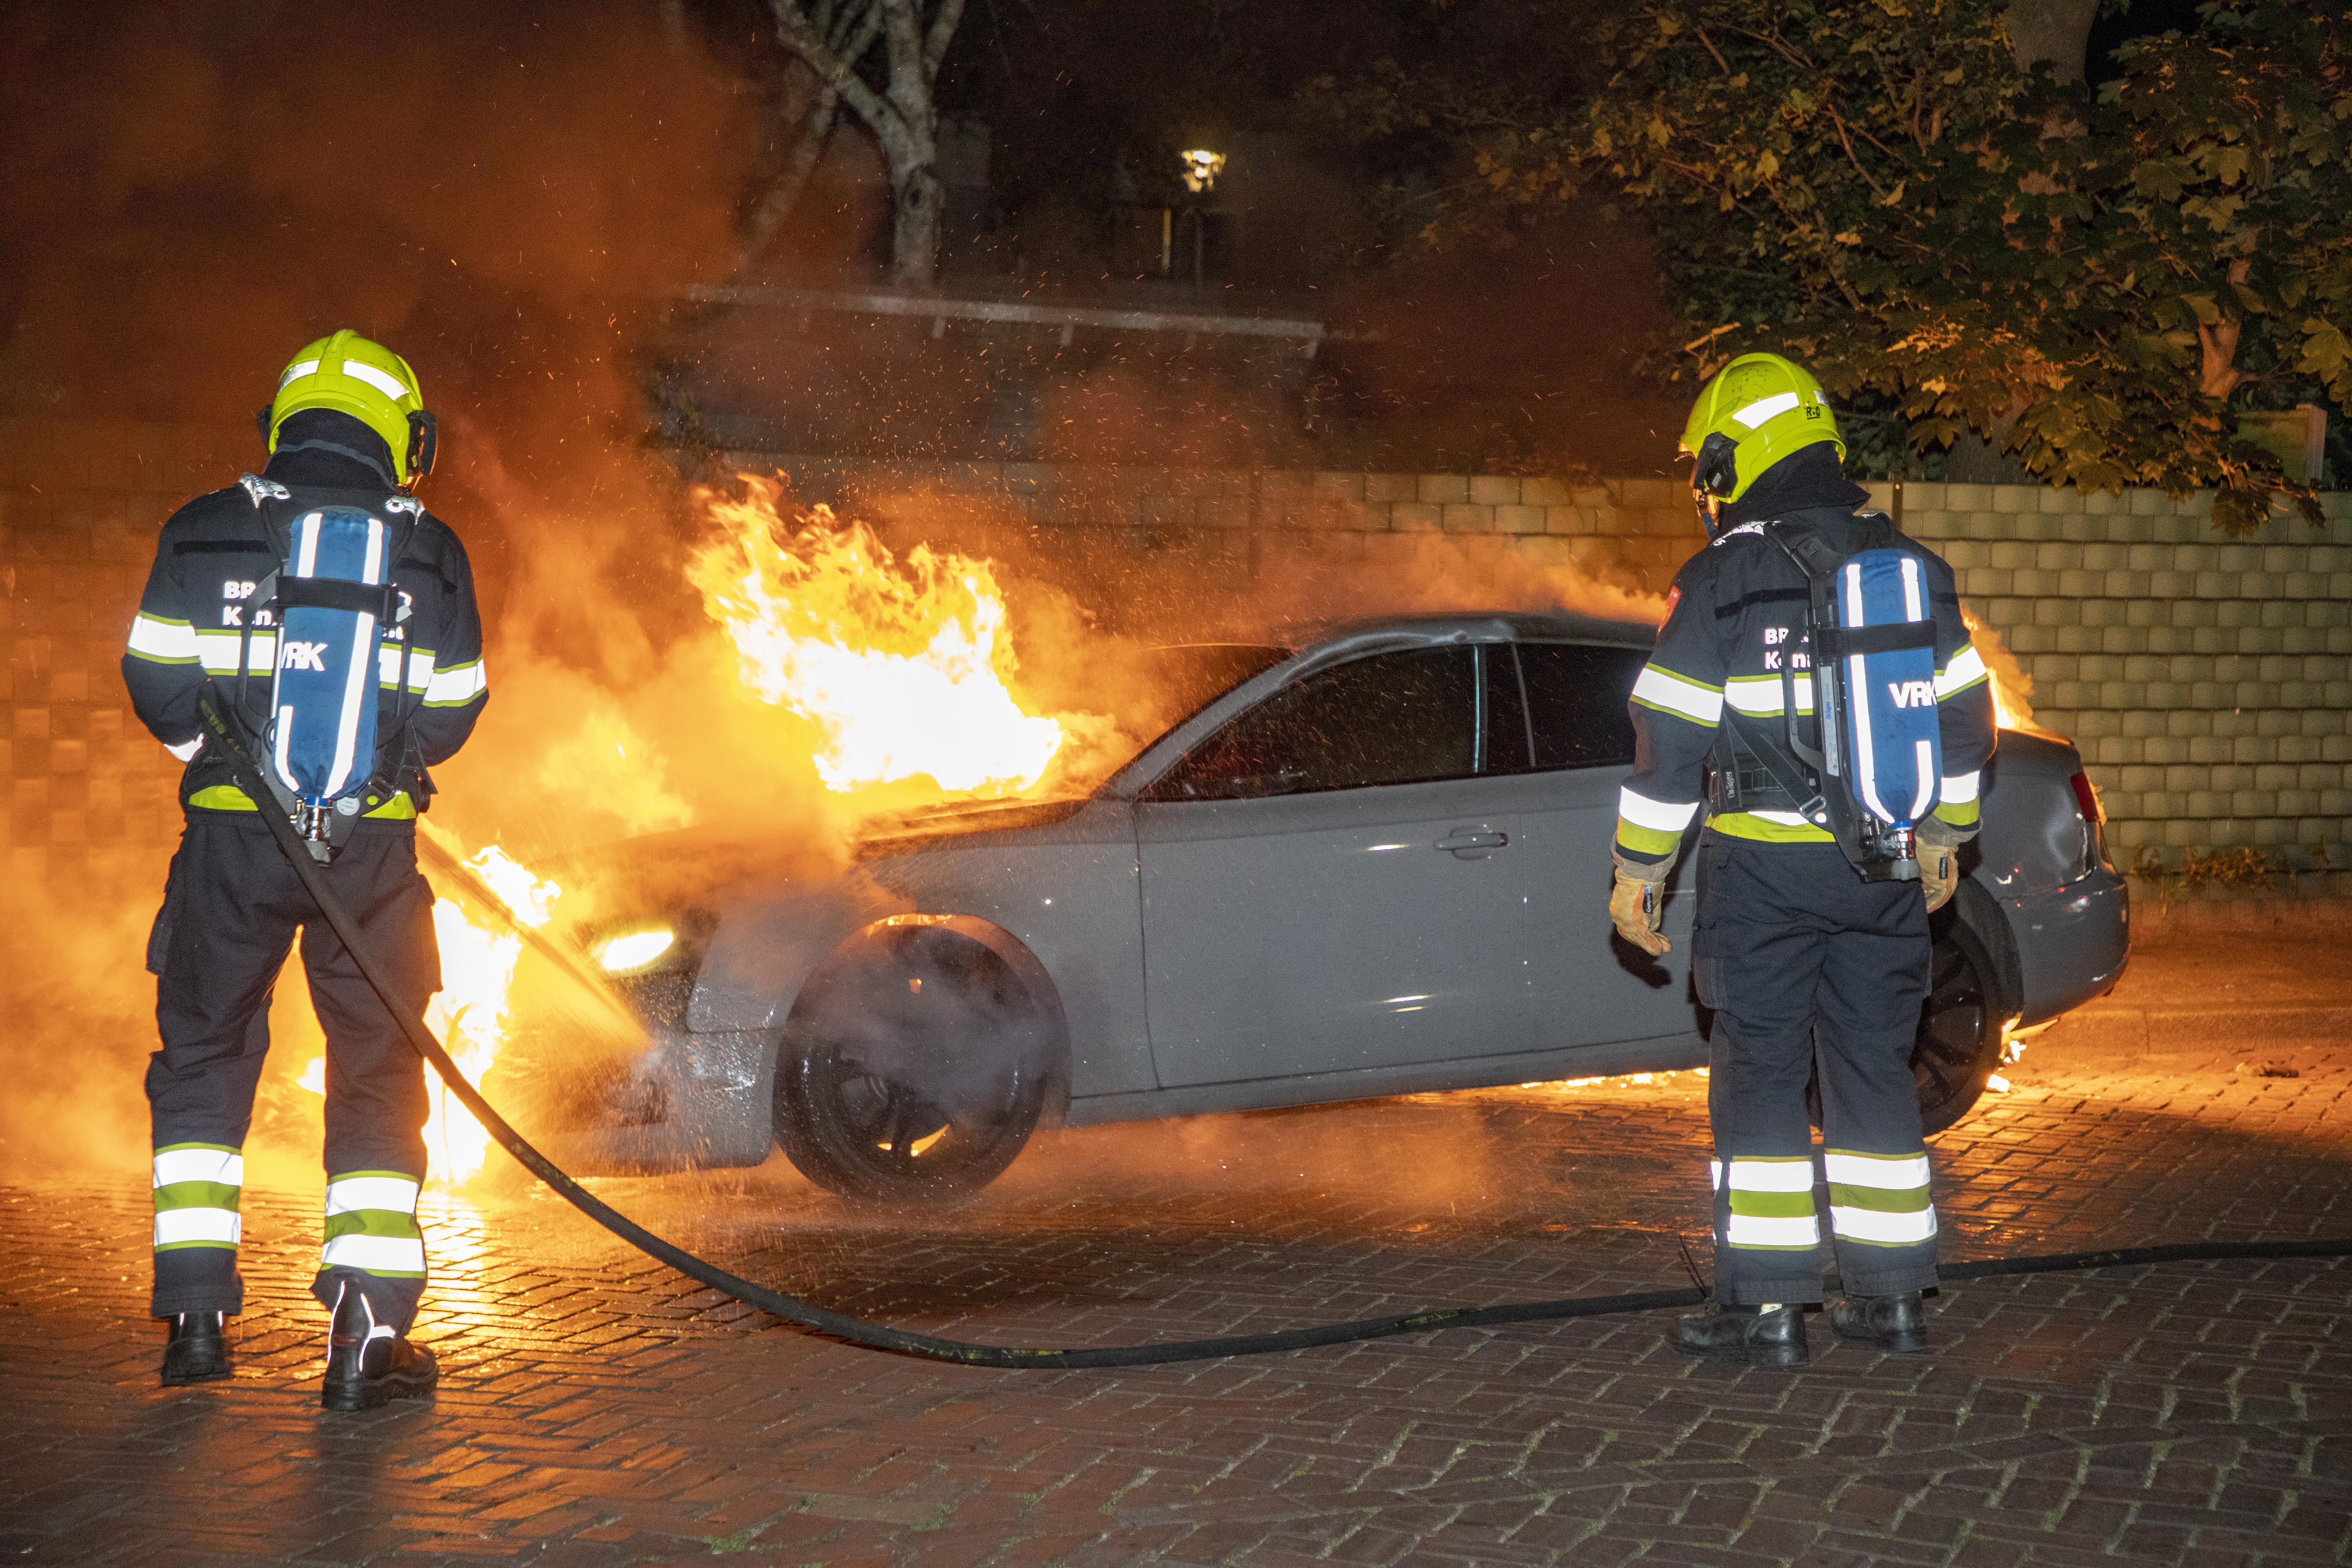 Autobrand ook financiële klap, drie op de tien gedupeerden krijgen niets vergoed